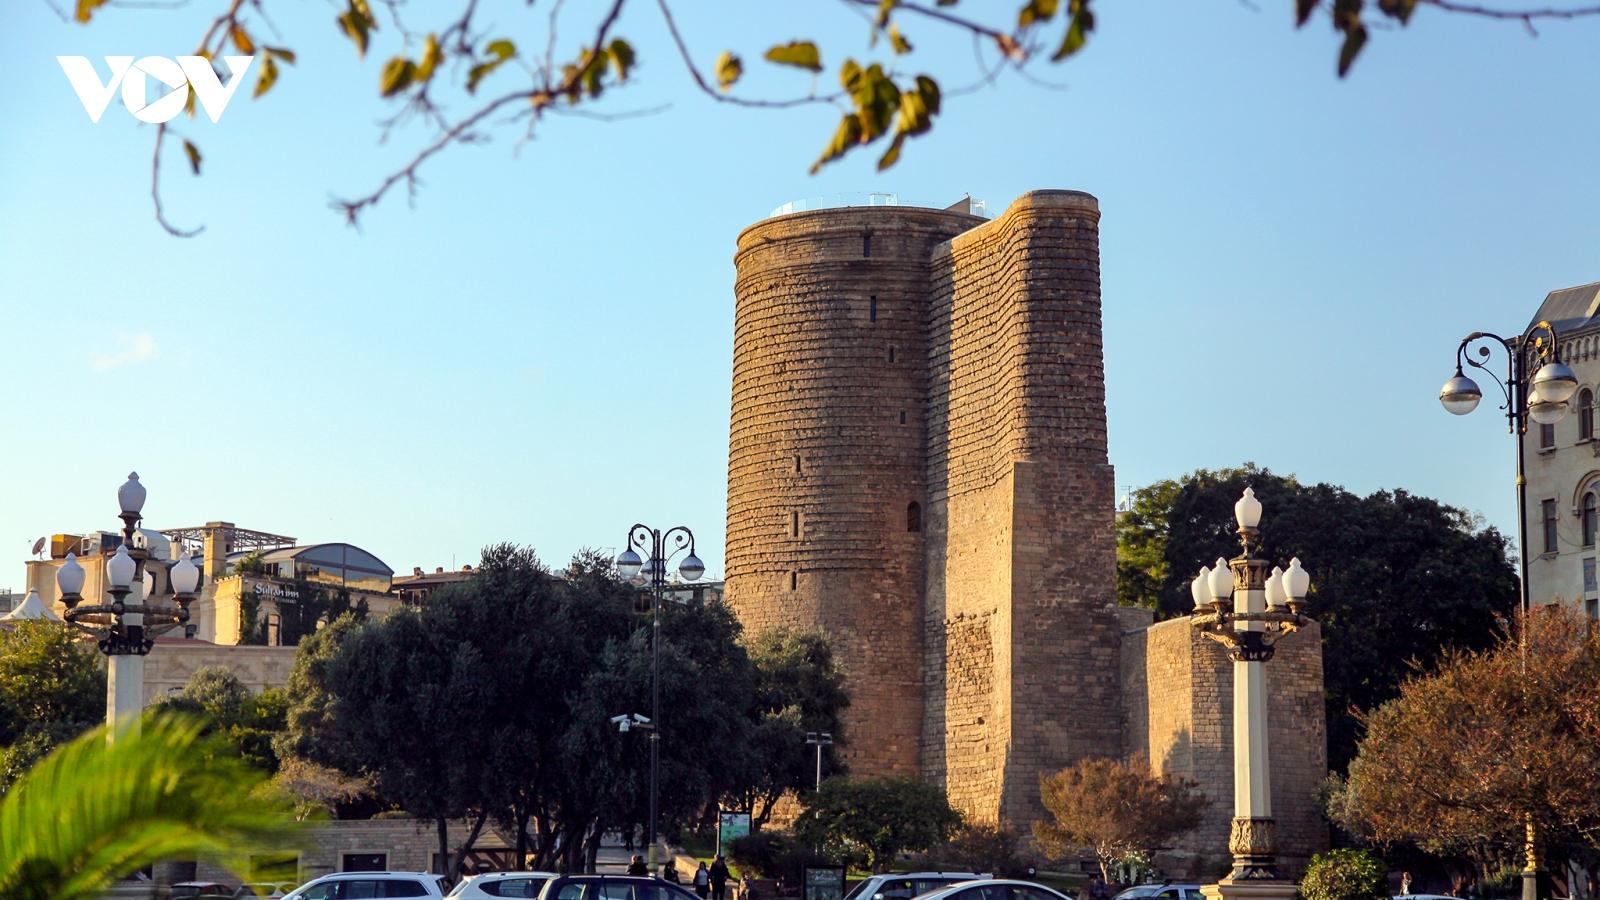 Azerbaijan - quốc gia tuyệt đẹp nằm giữa châu Âu và châu Á